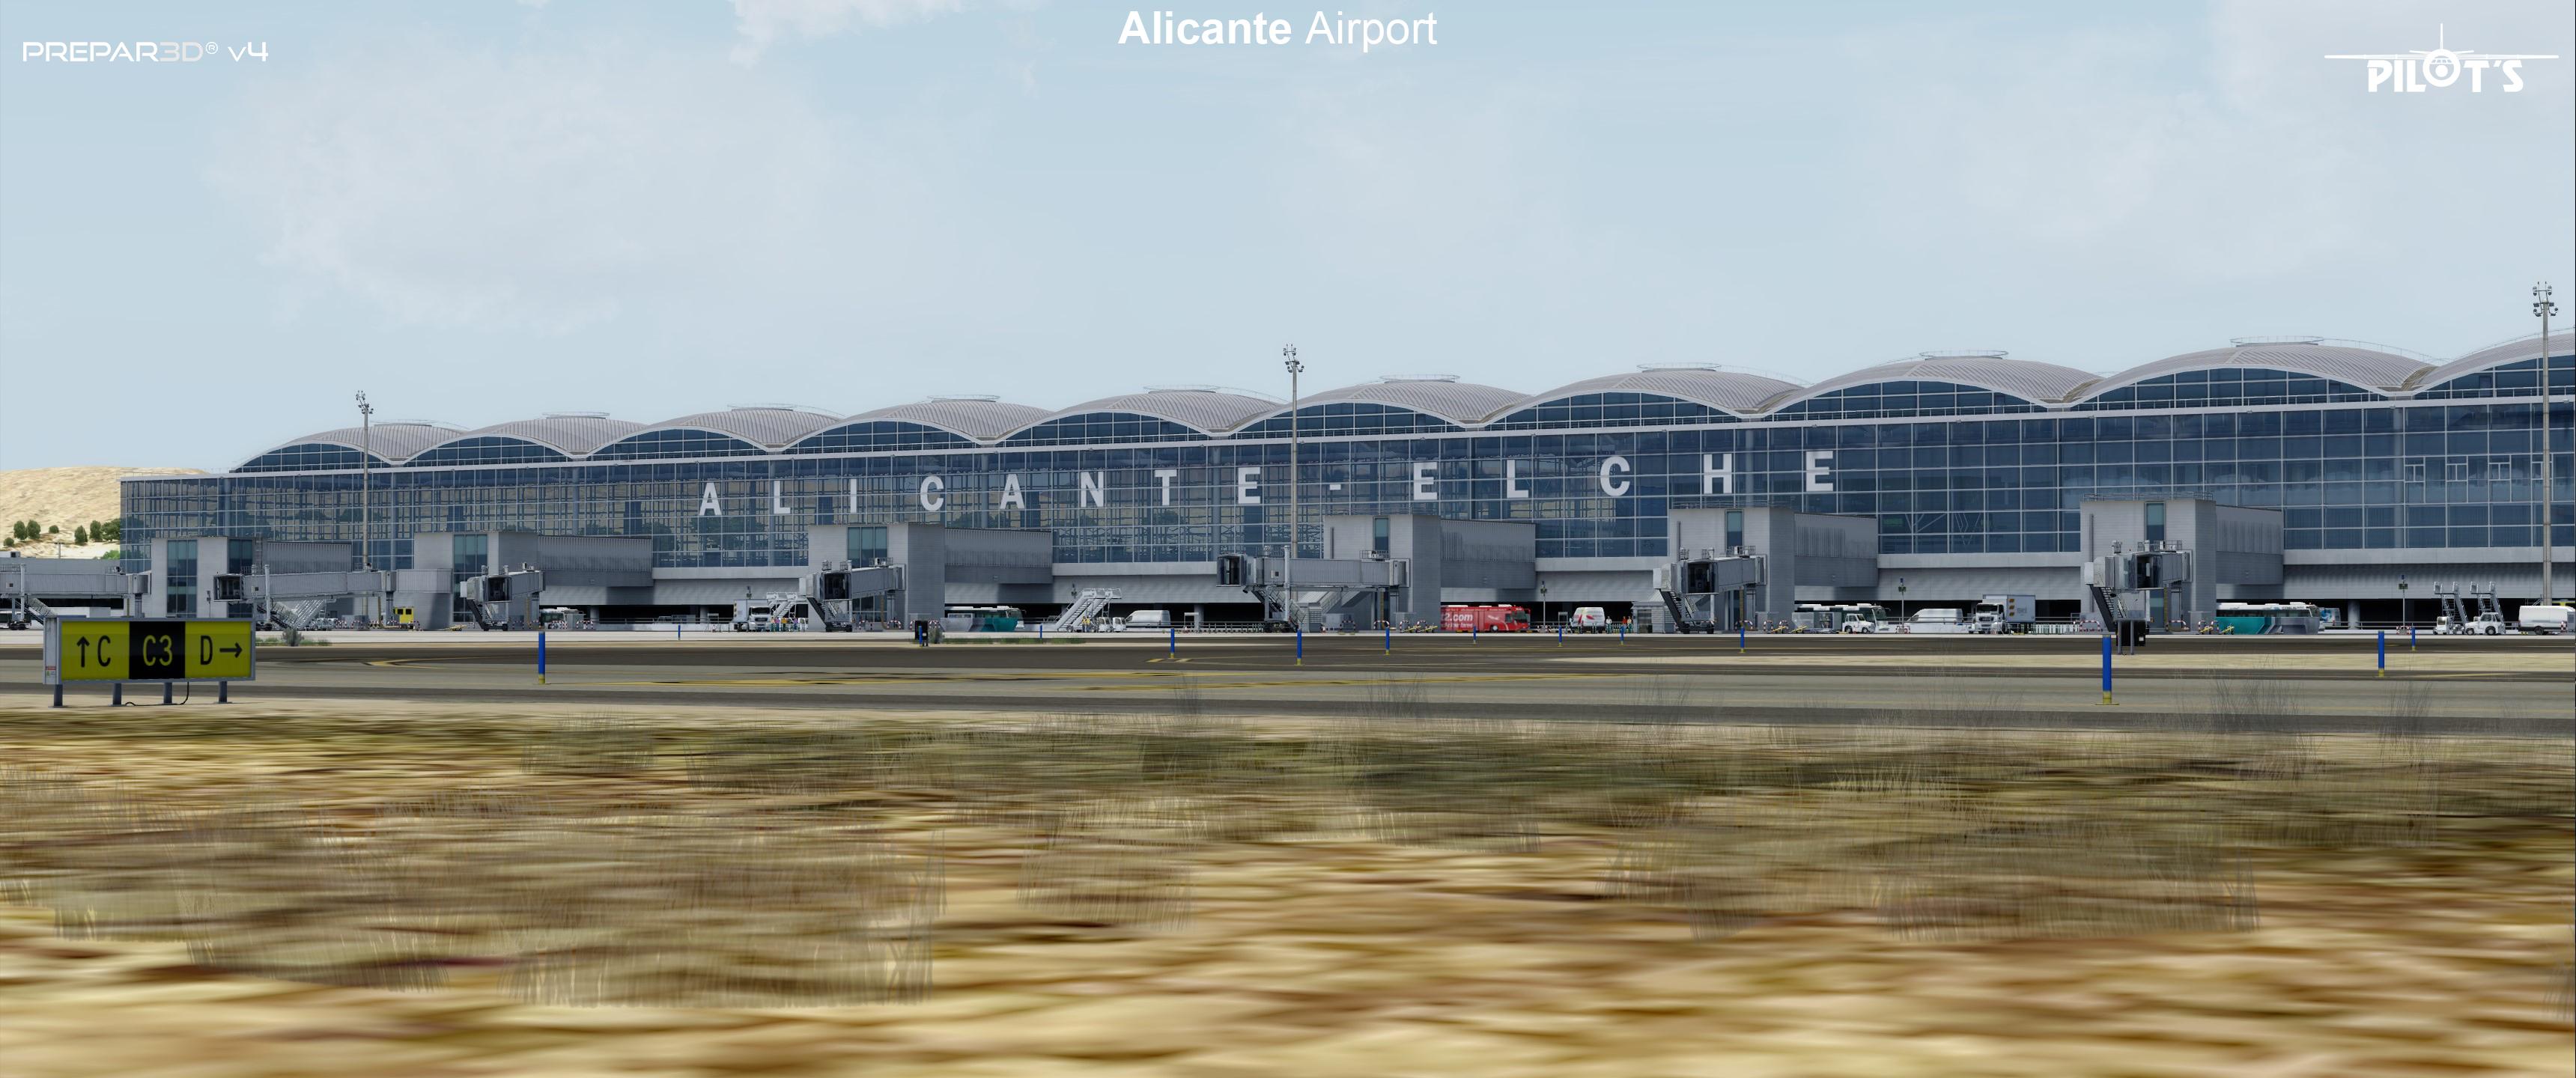 Alicante Leal Previews P3dv4 (1)